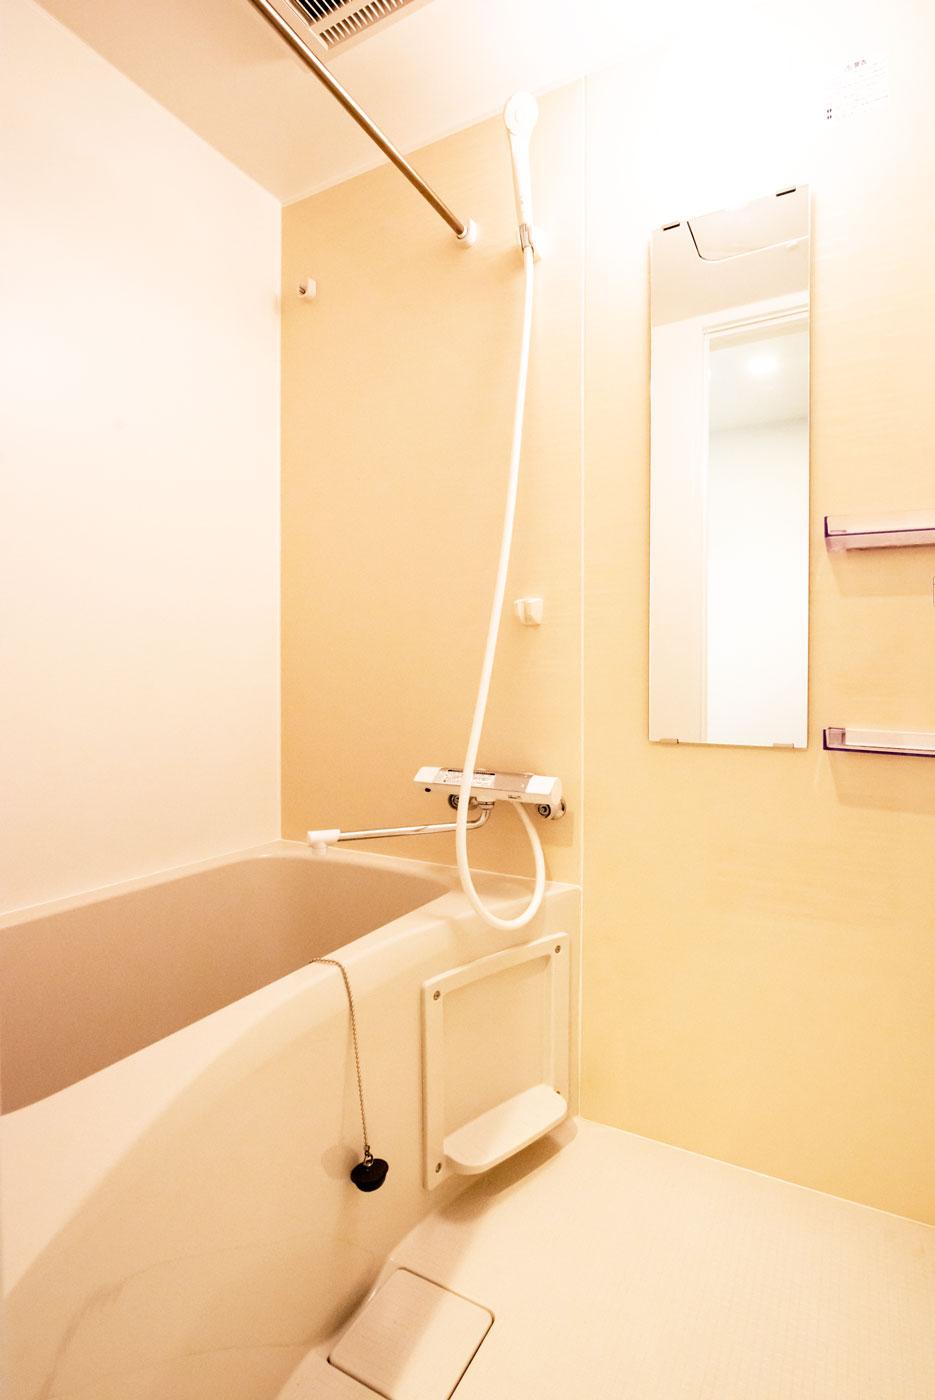 202-7 浴室